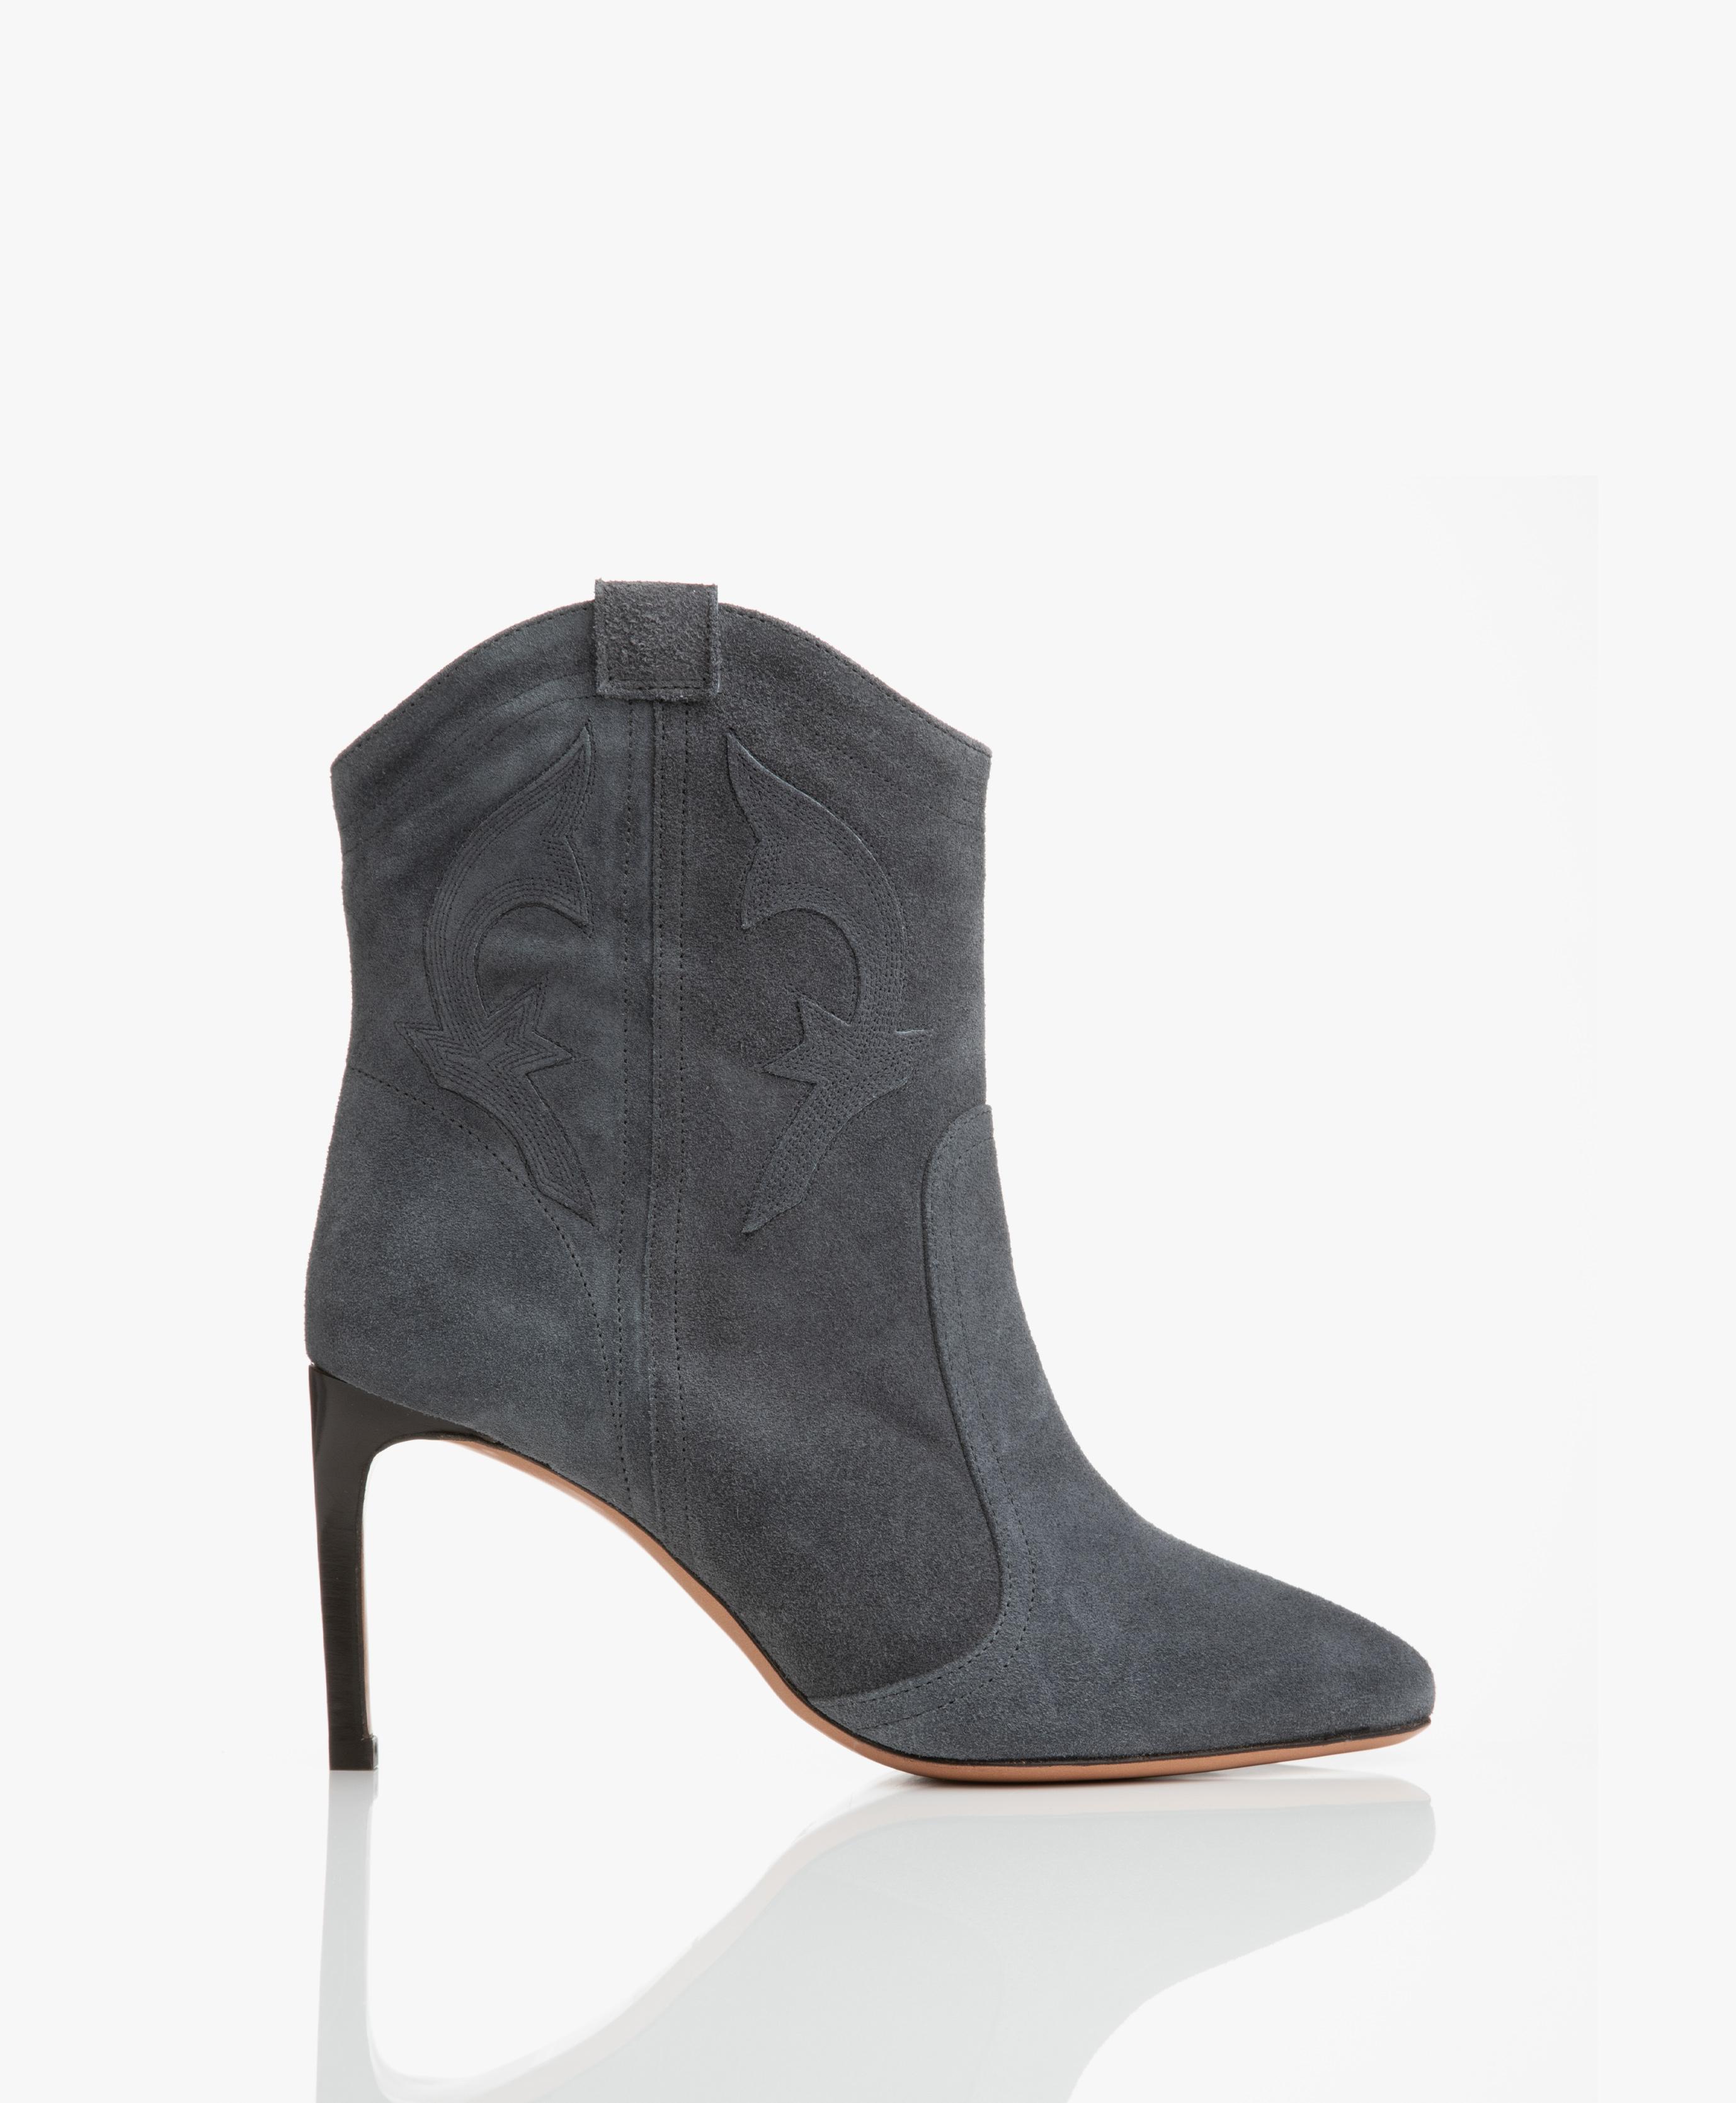 Beste ba&sh Caitlin Suede Ankle Boots - Blue Grey - caitlin bleugris LU-81